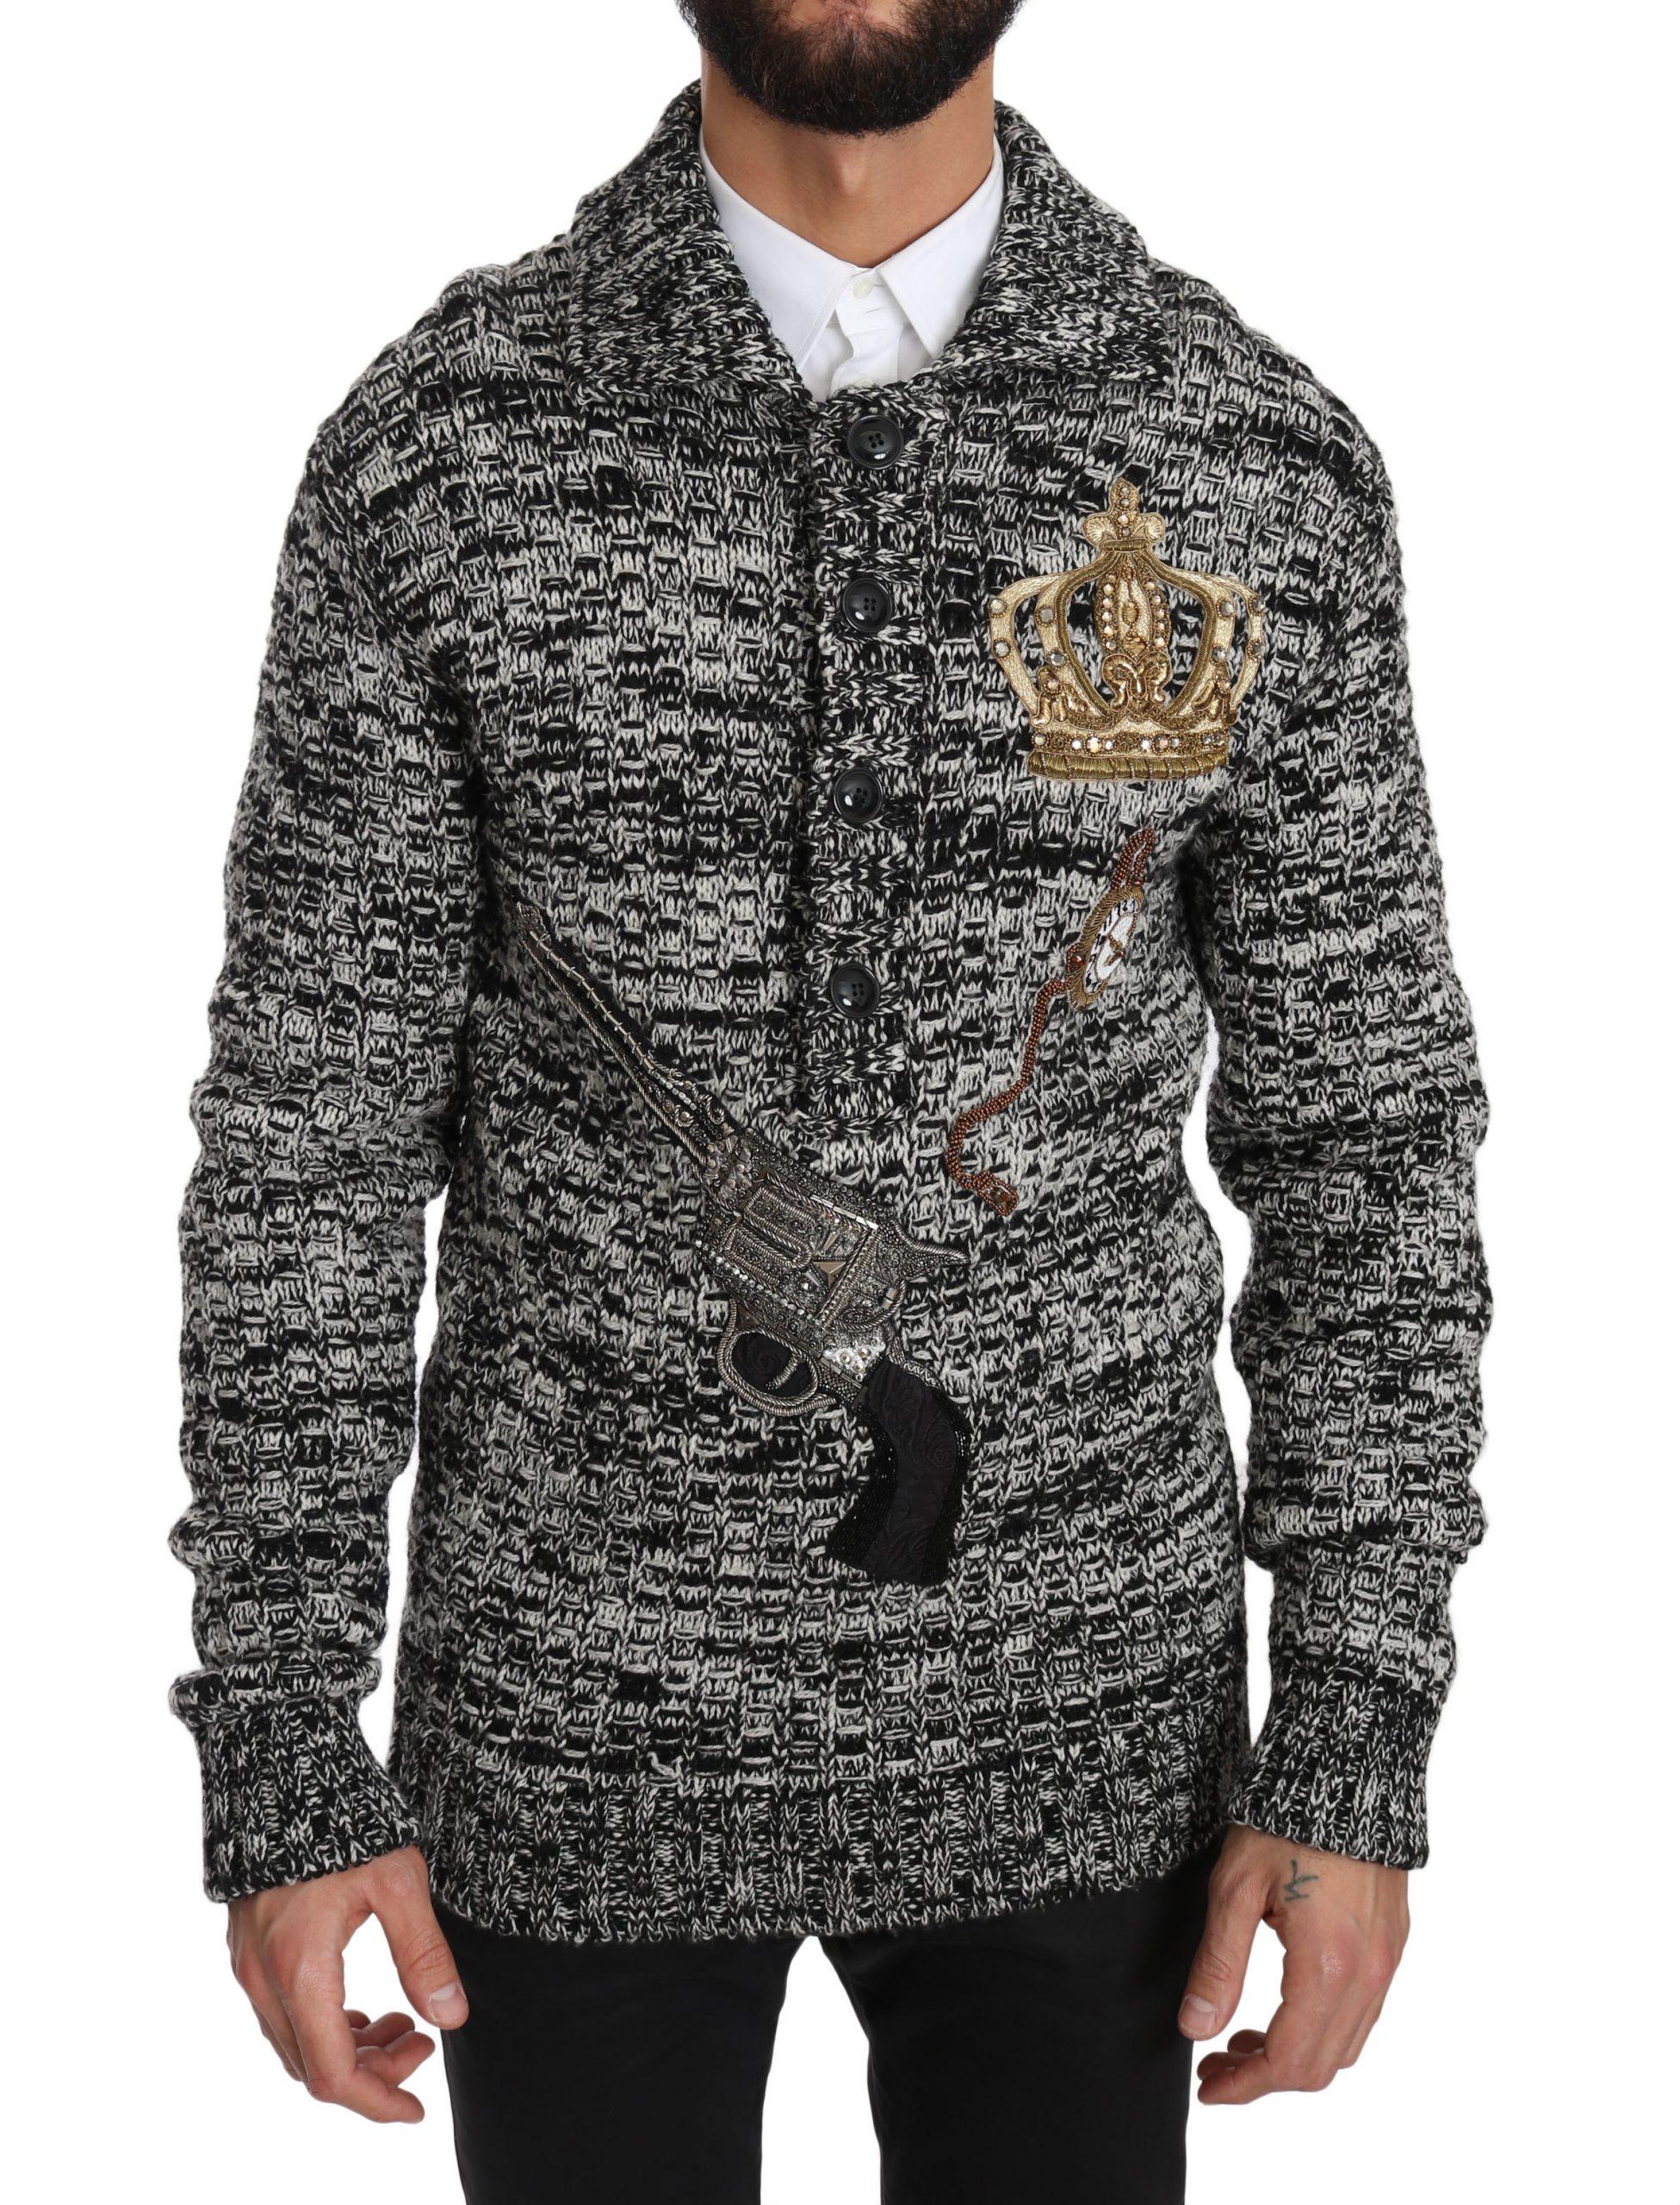 Dolce & Gabbana Men's Wool Crystal SICILIAN WESTERN Henley Sweater Gray JKT2300 - IT48 | M